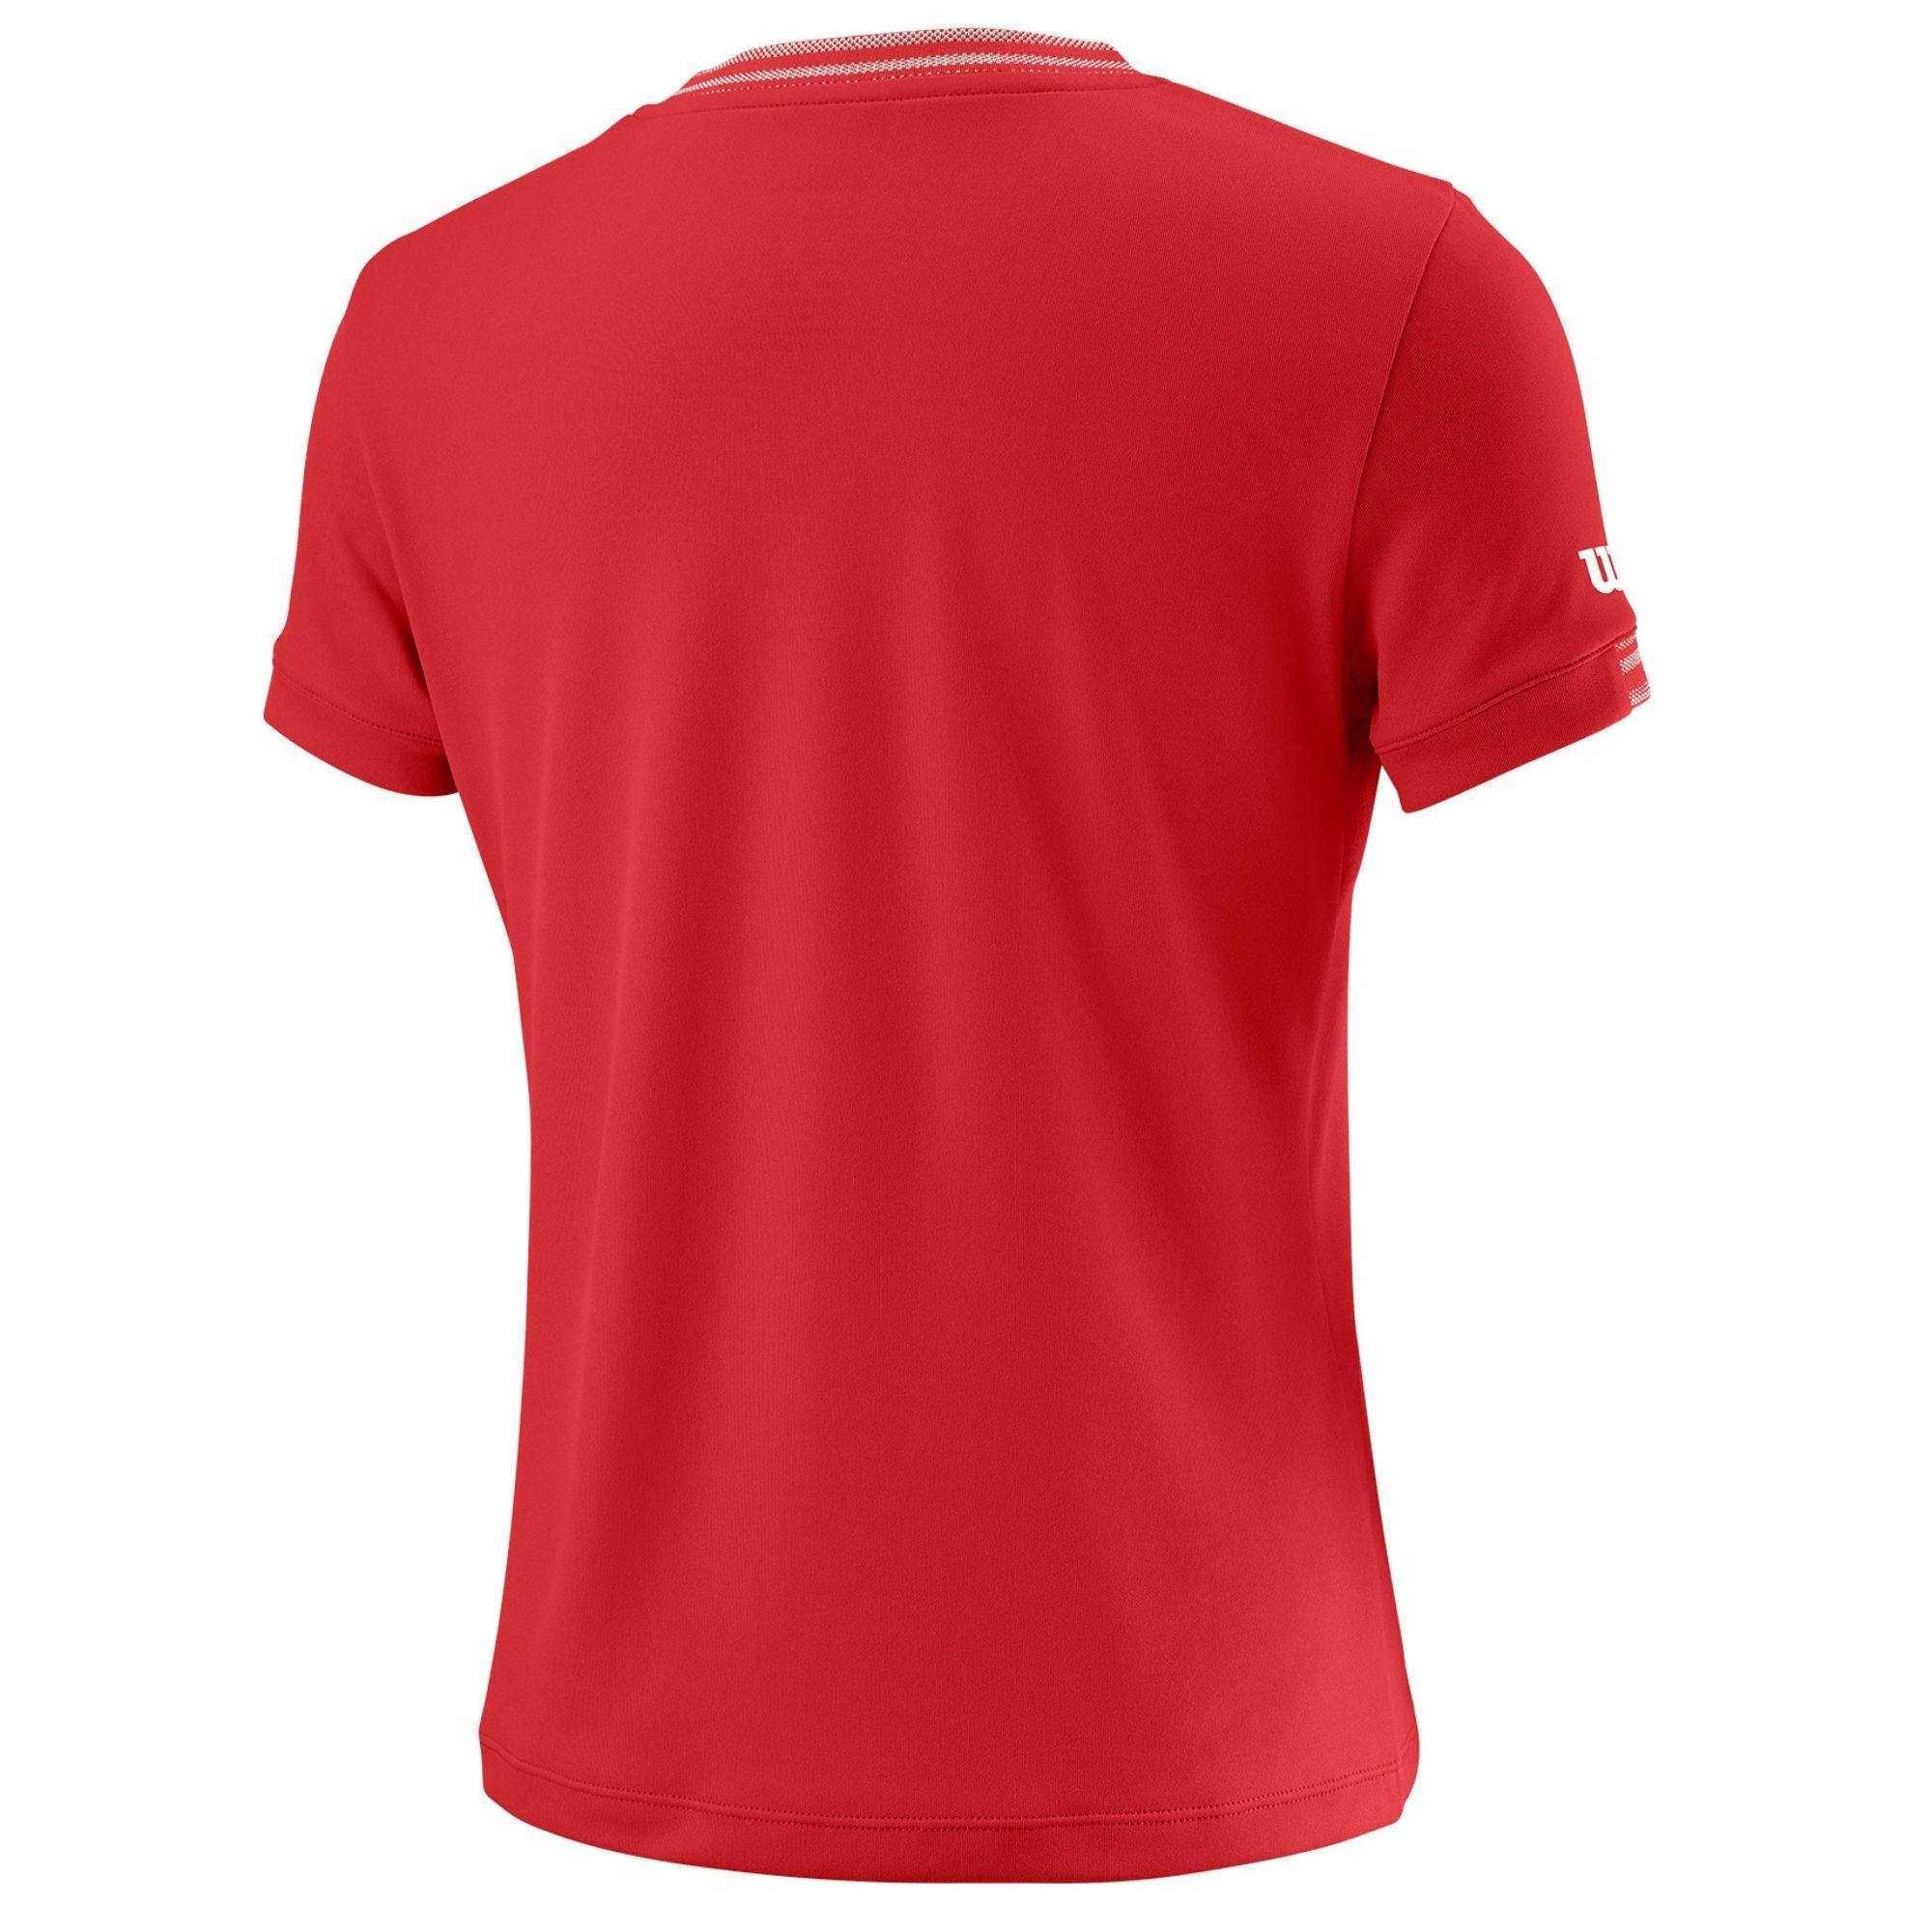 Camiseta Wilson Team Junior roja